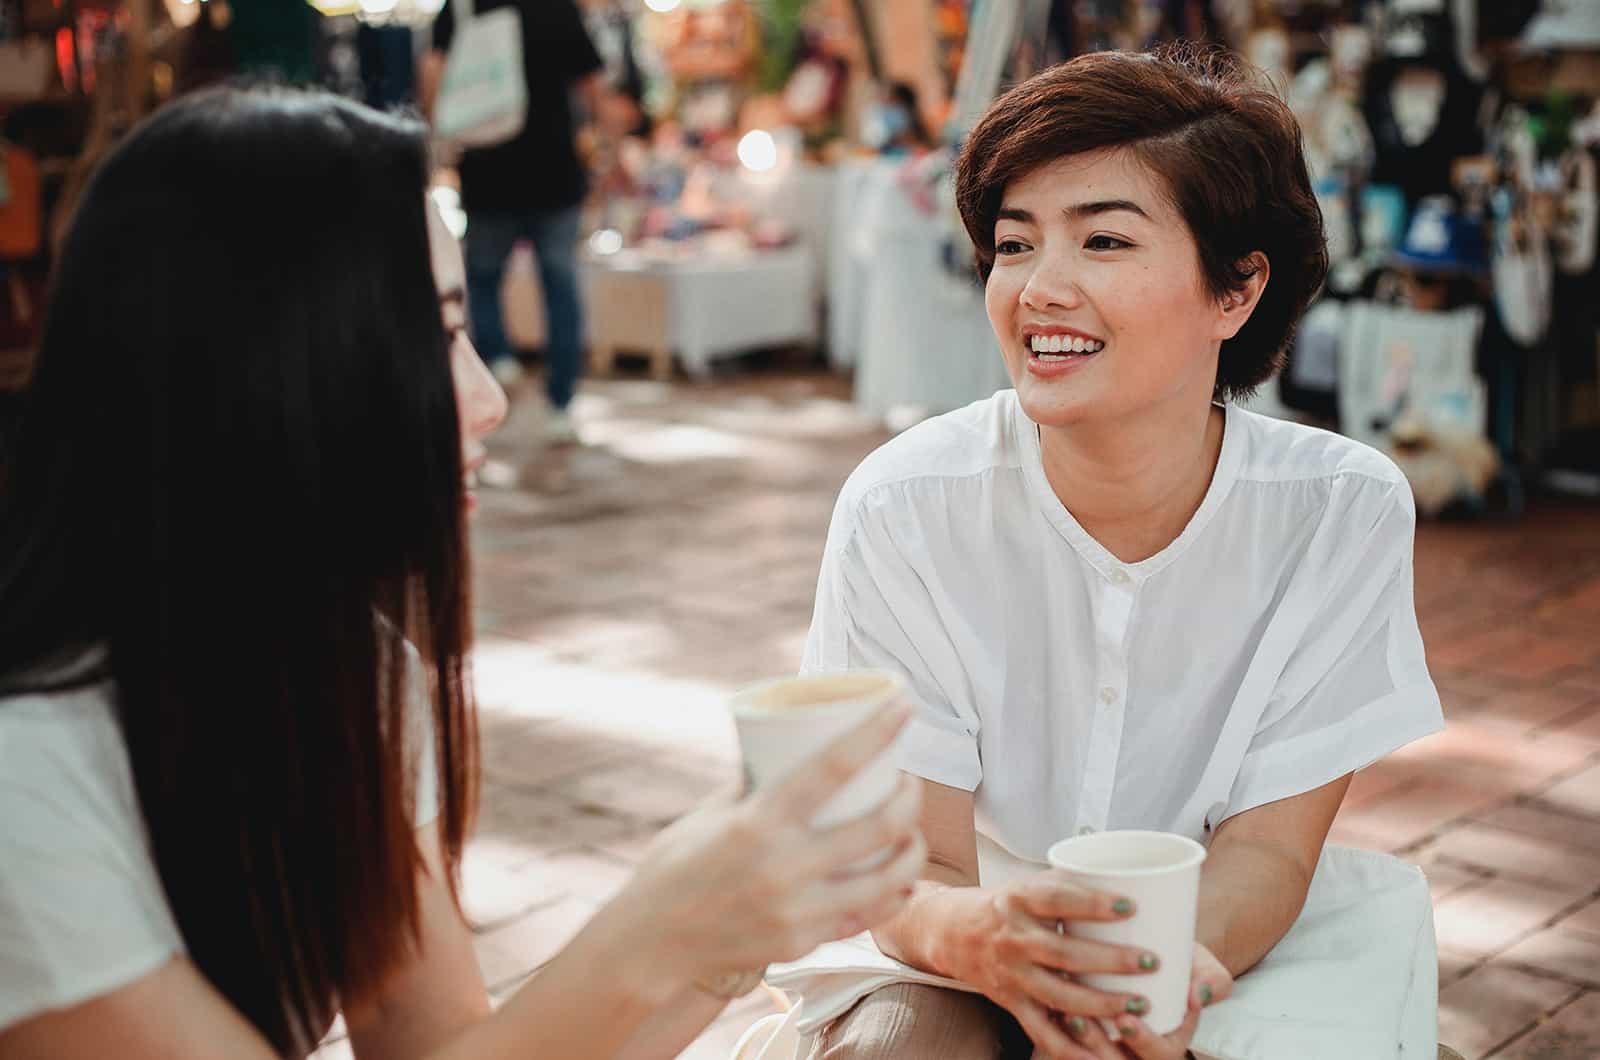 zwei Freundinnen unterhalten sich beim gemeinsamen Kaffeetrinken auf der Straße